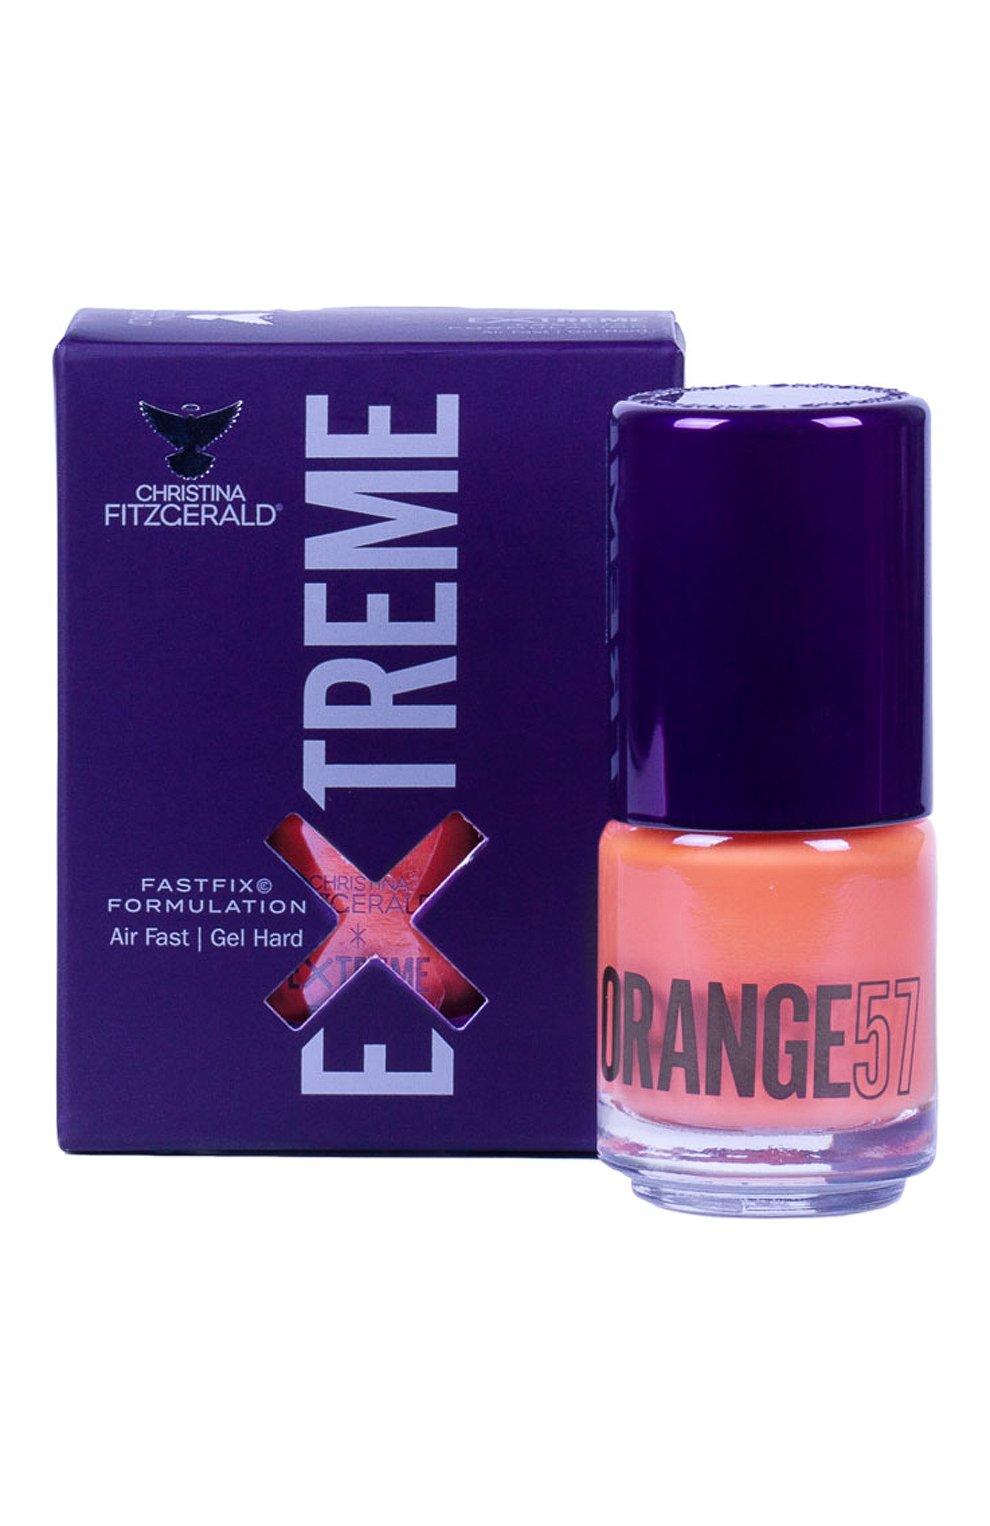 Женский лак для ногтей extreme, оттенок orange 57 CHRISTINA FITZGERALD бесцветного цвета, арт. 9333381005465   Фото 1